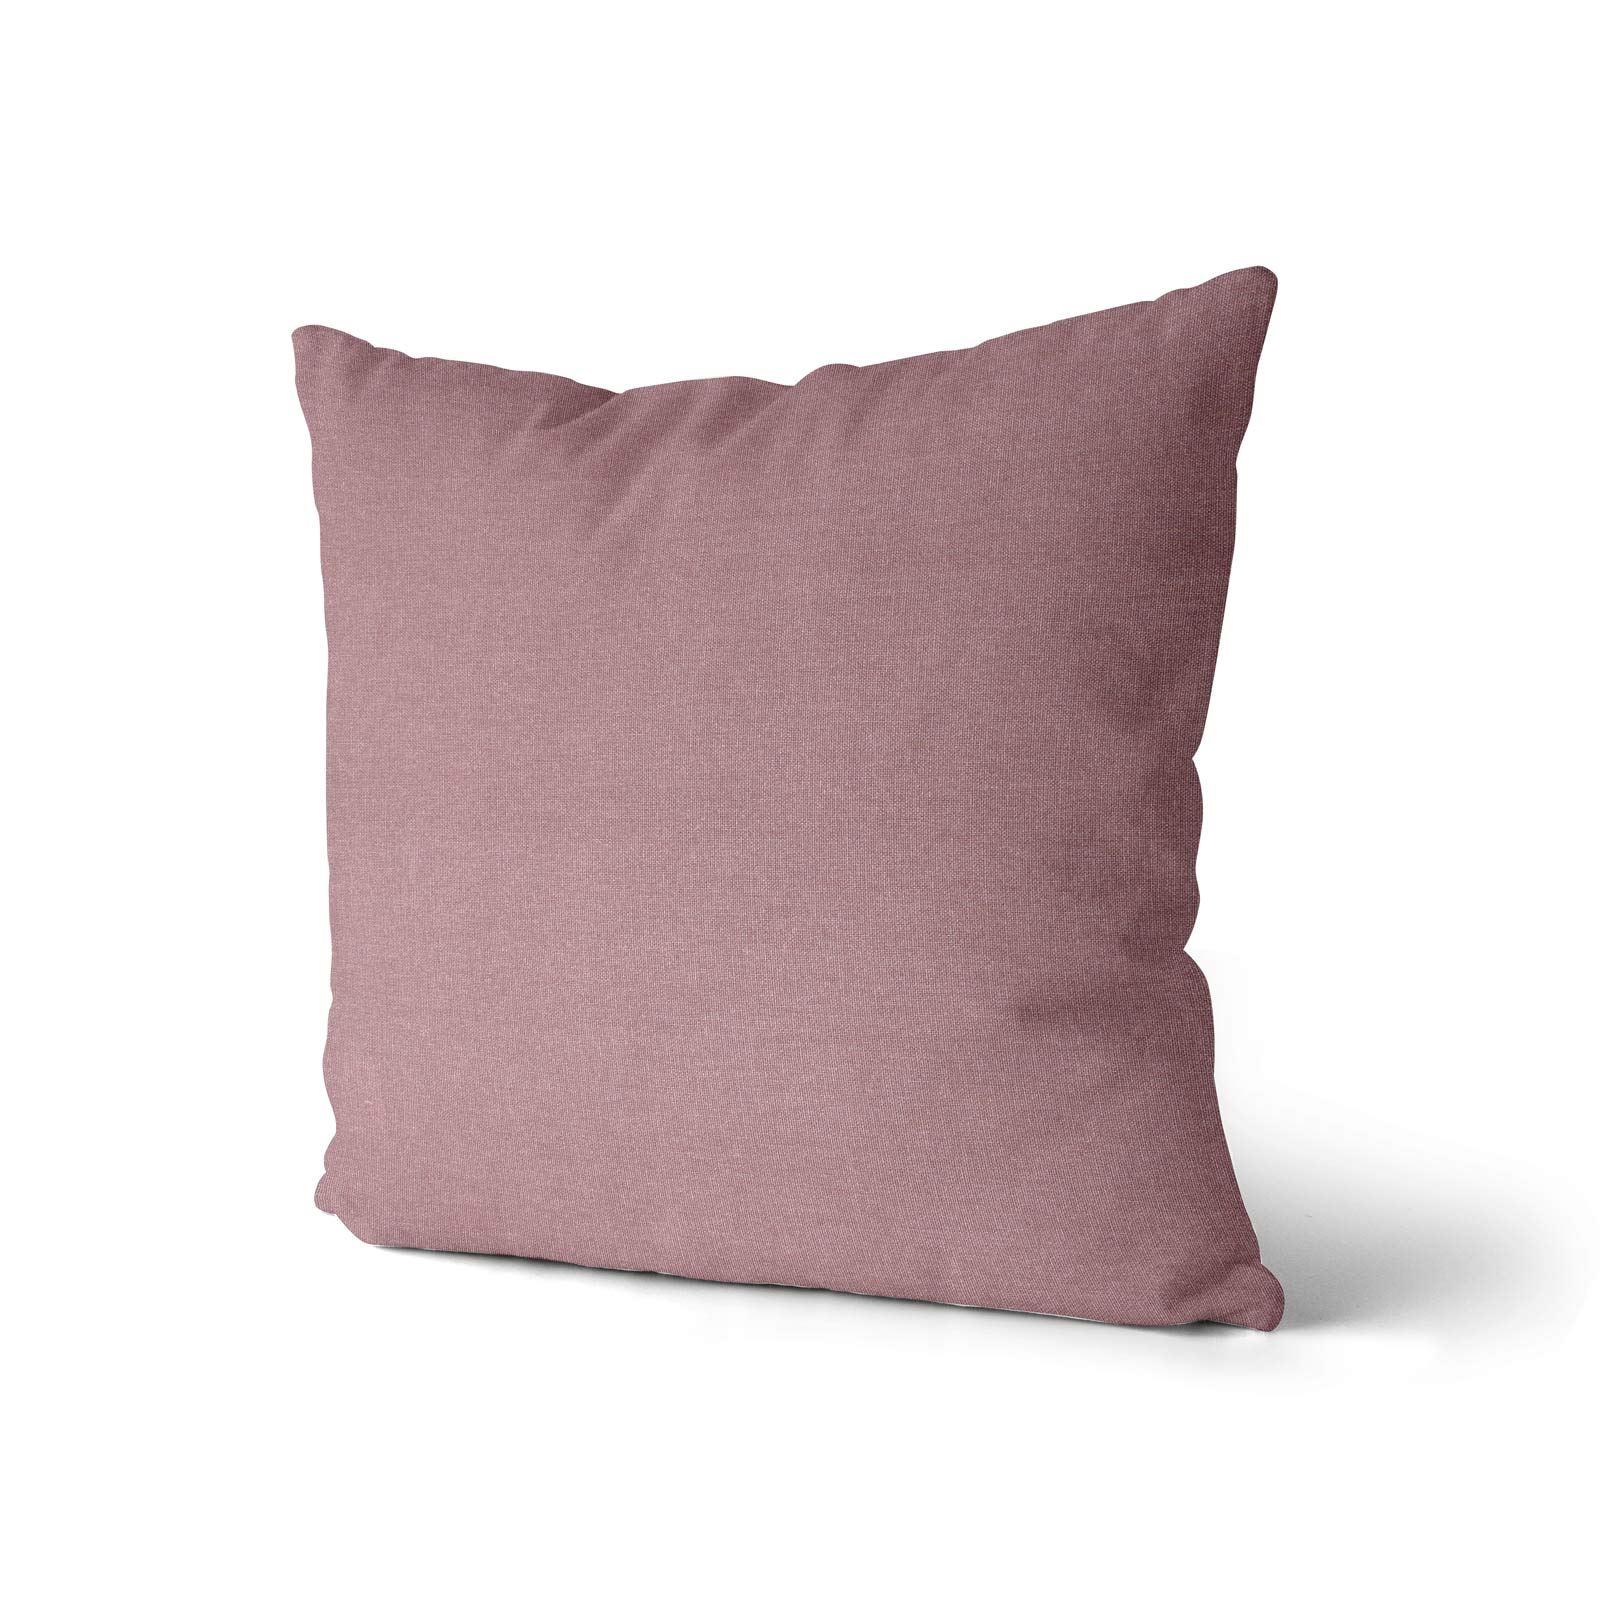 Dusky-Blush-Pink-Mauve-Cushion-Covers-18-034-x-18-034-45cm-x-45cm-Cover